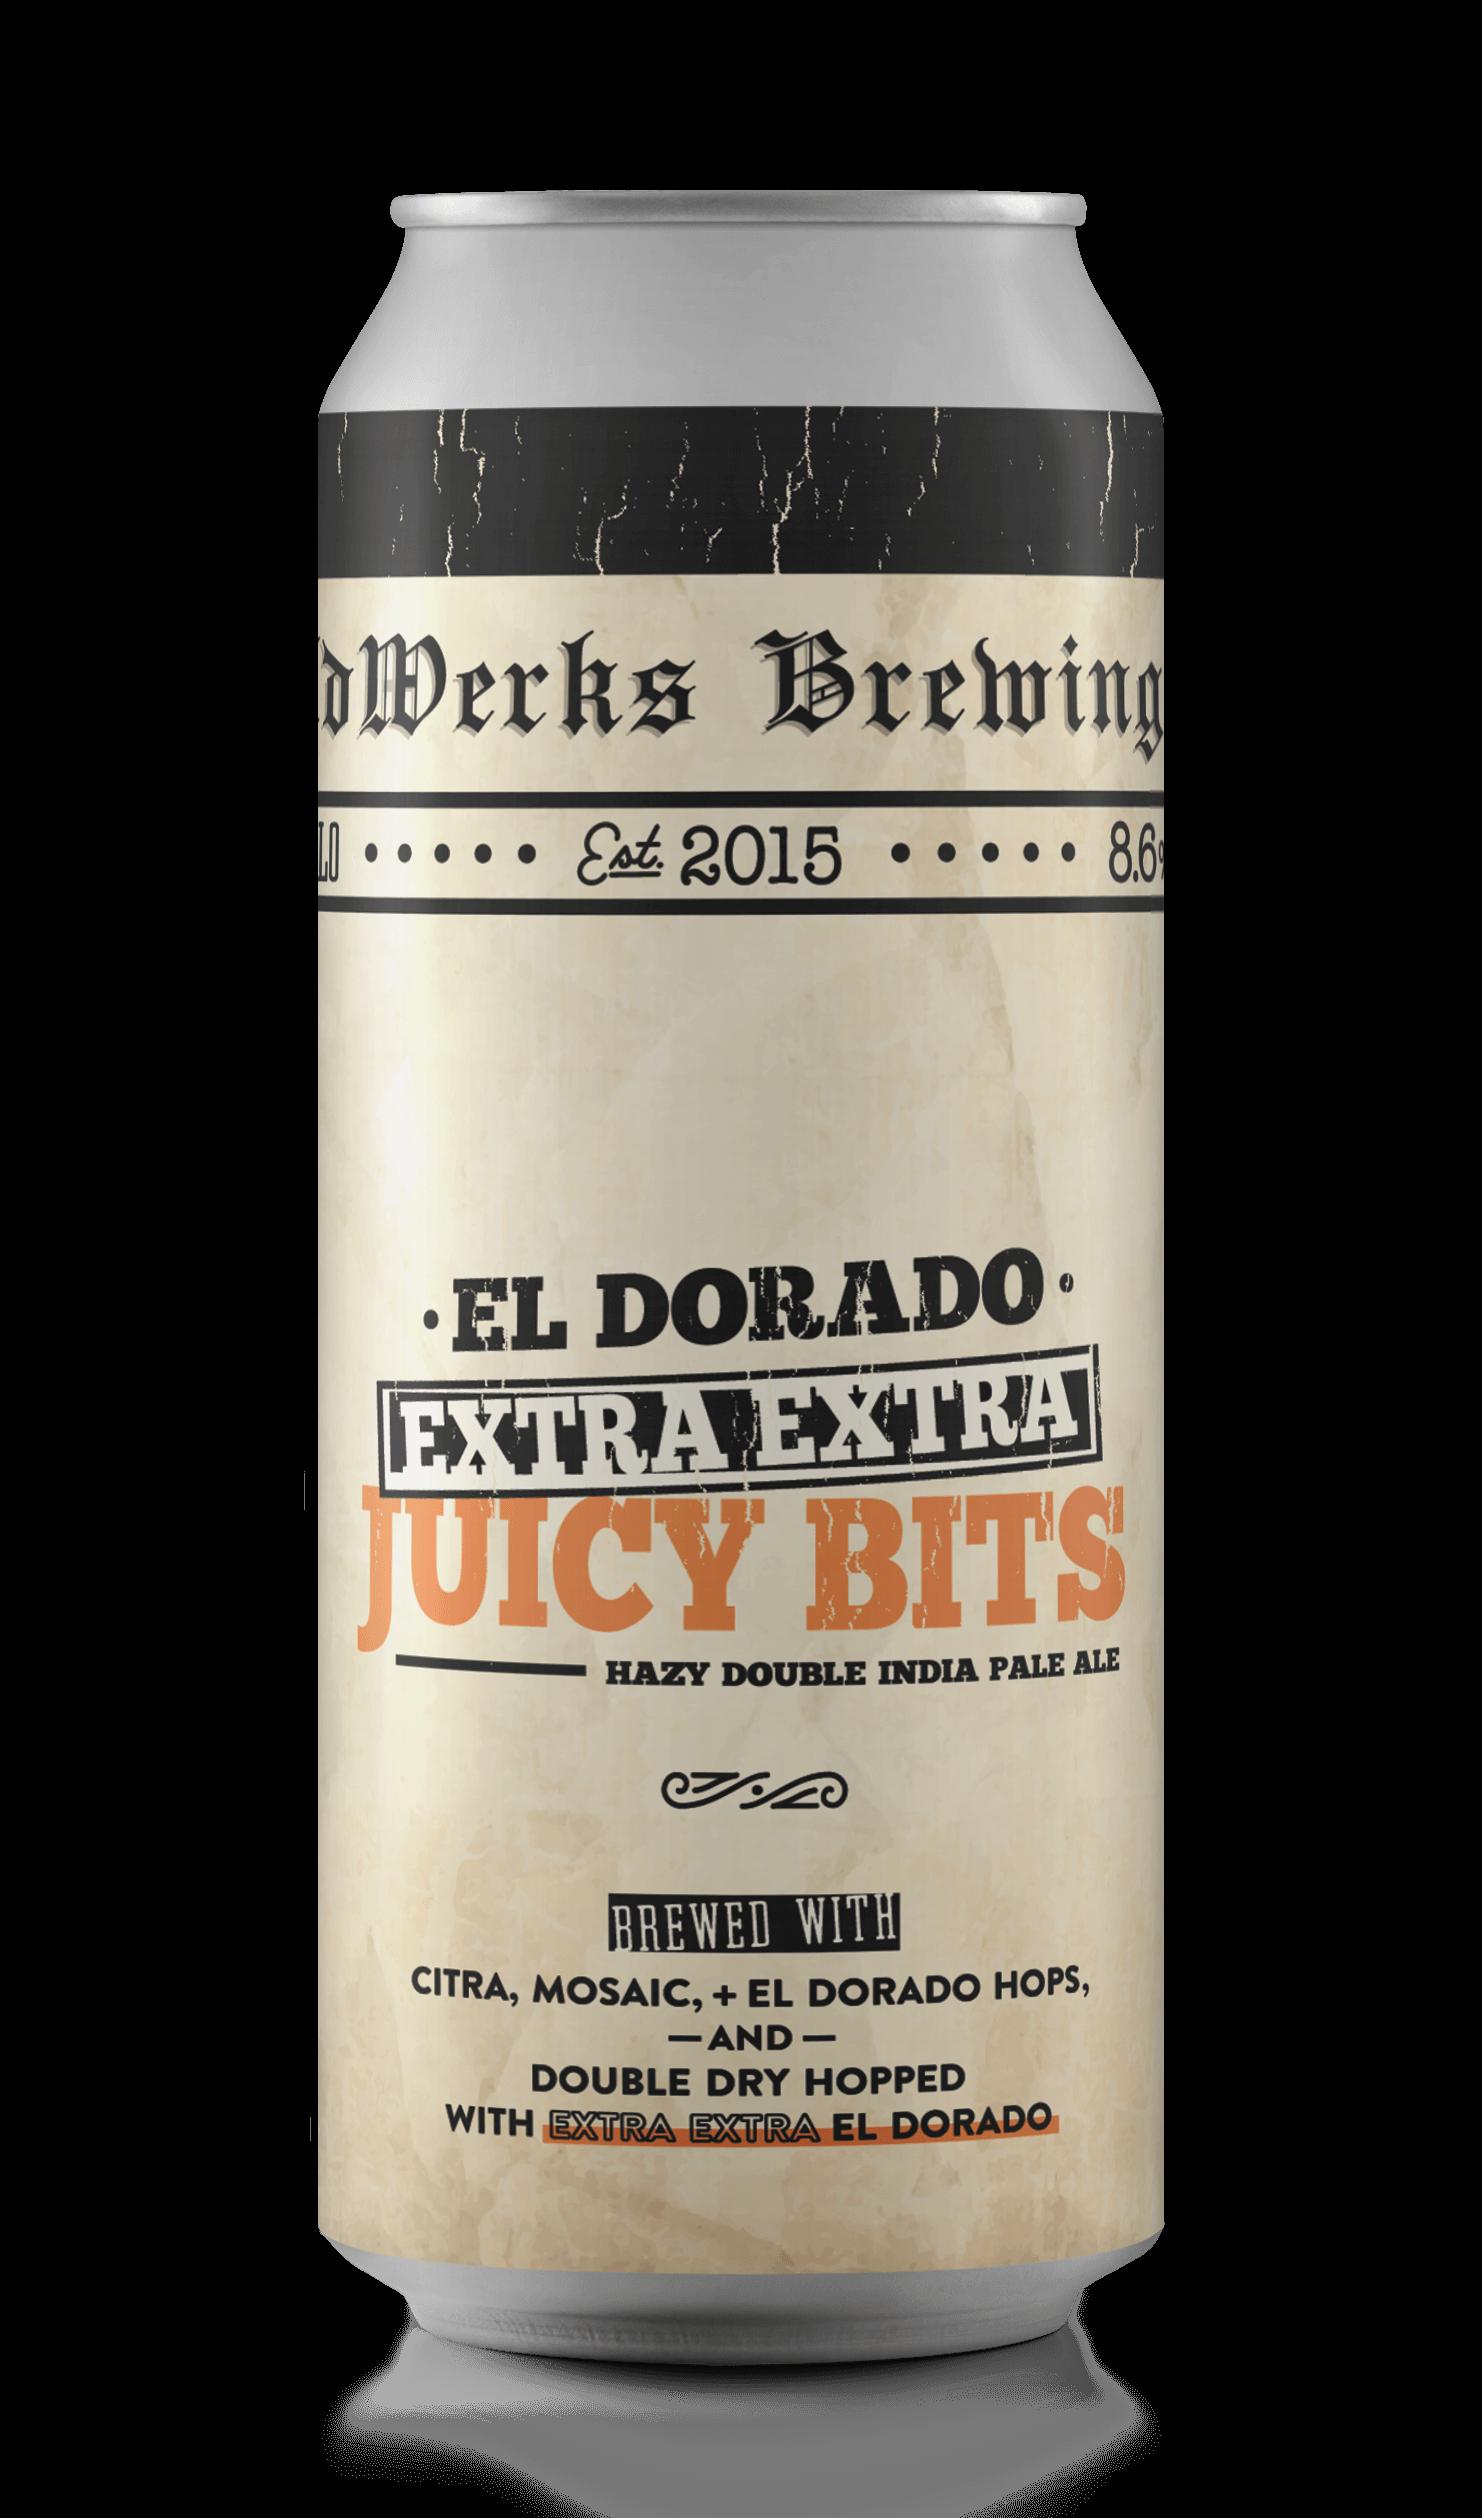 El Dorado Extra Extra Juicy Bits